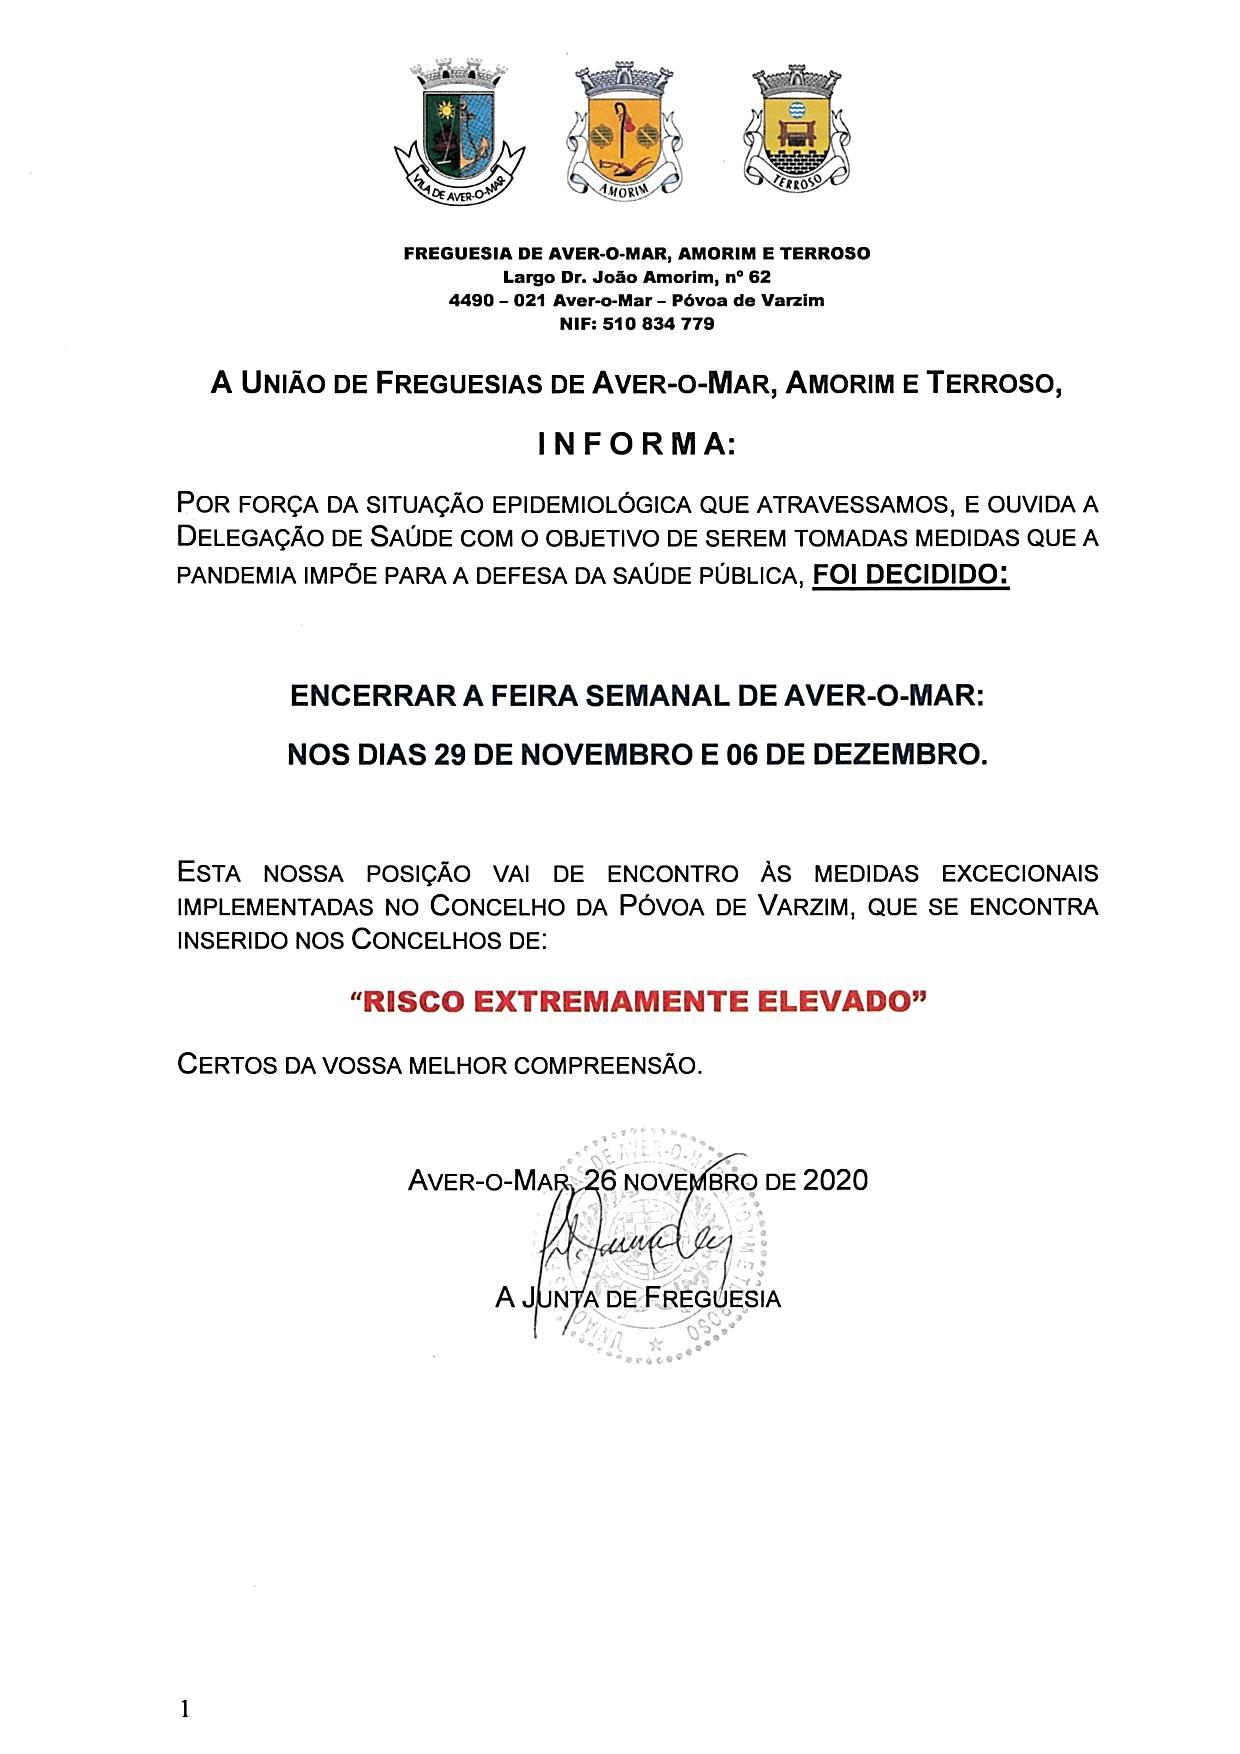 ENCERRAMENTO DA FEIRA SEMANAL DE AVER-O-MAR